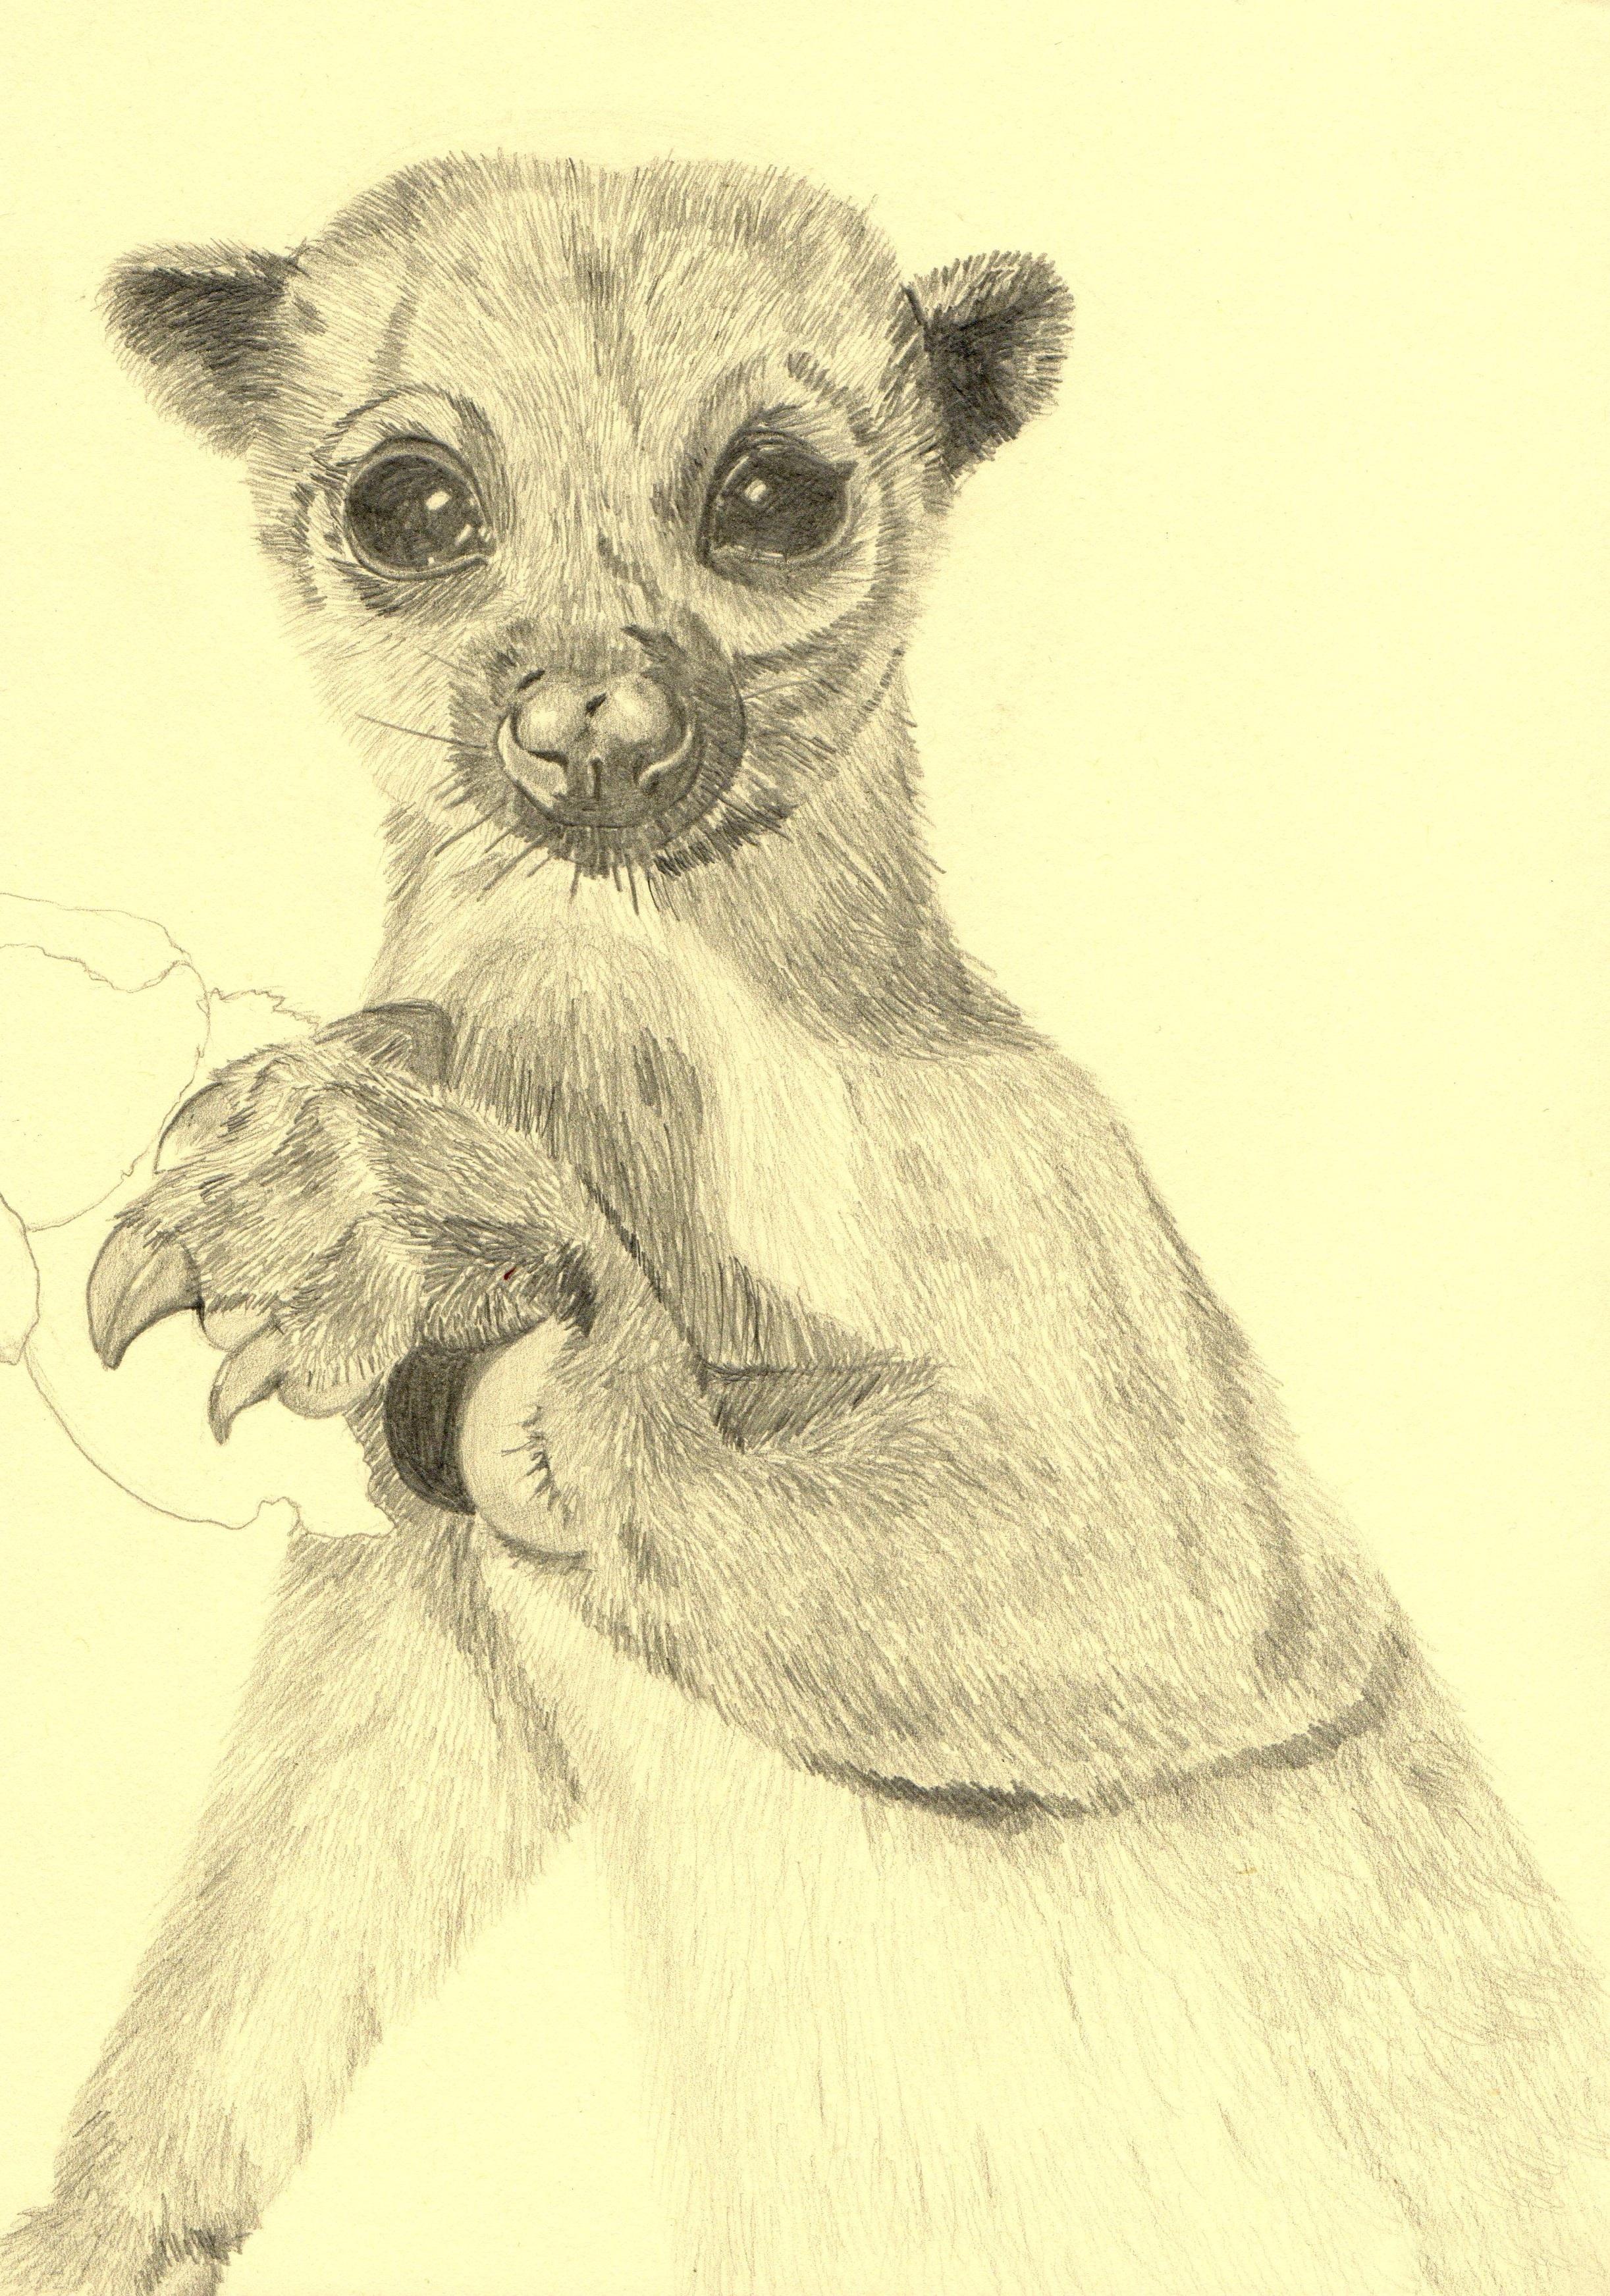 8200 Gambar Sketsa Hewan-hewan Terbaru